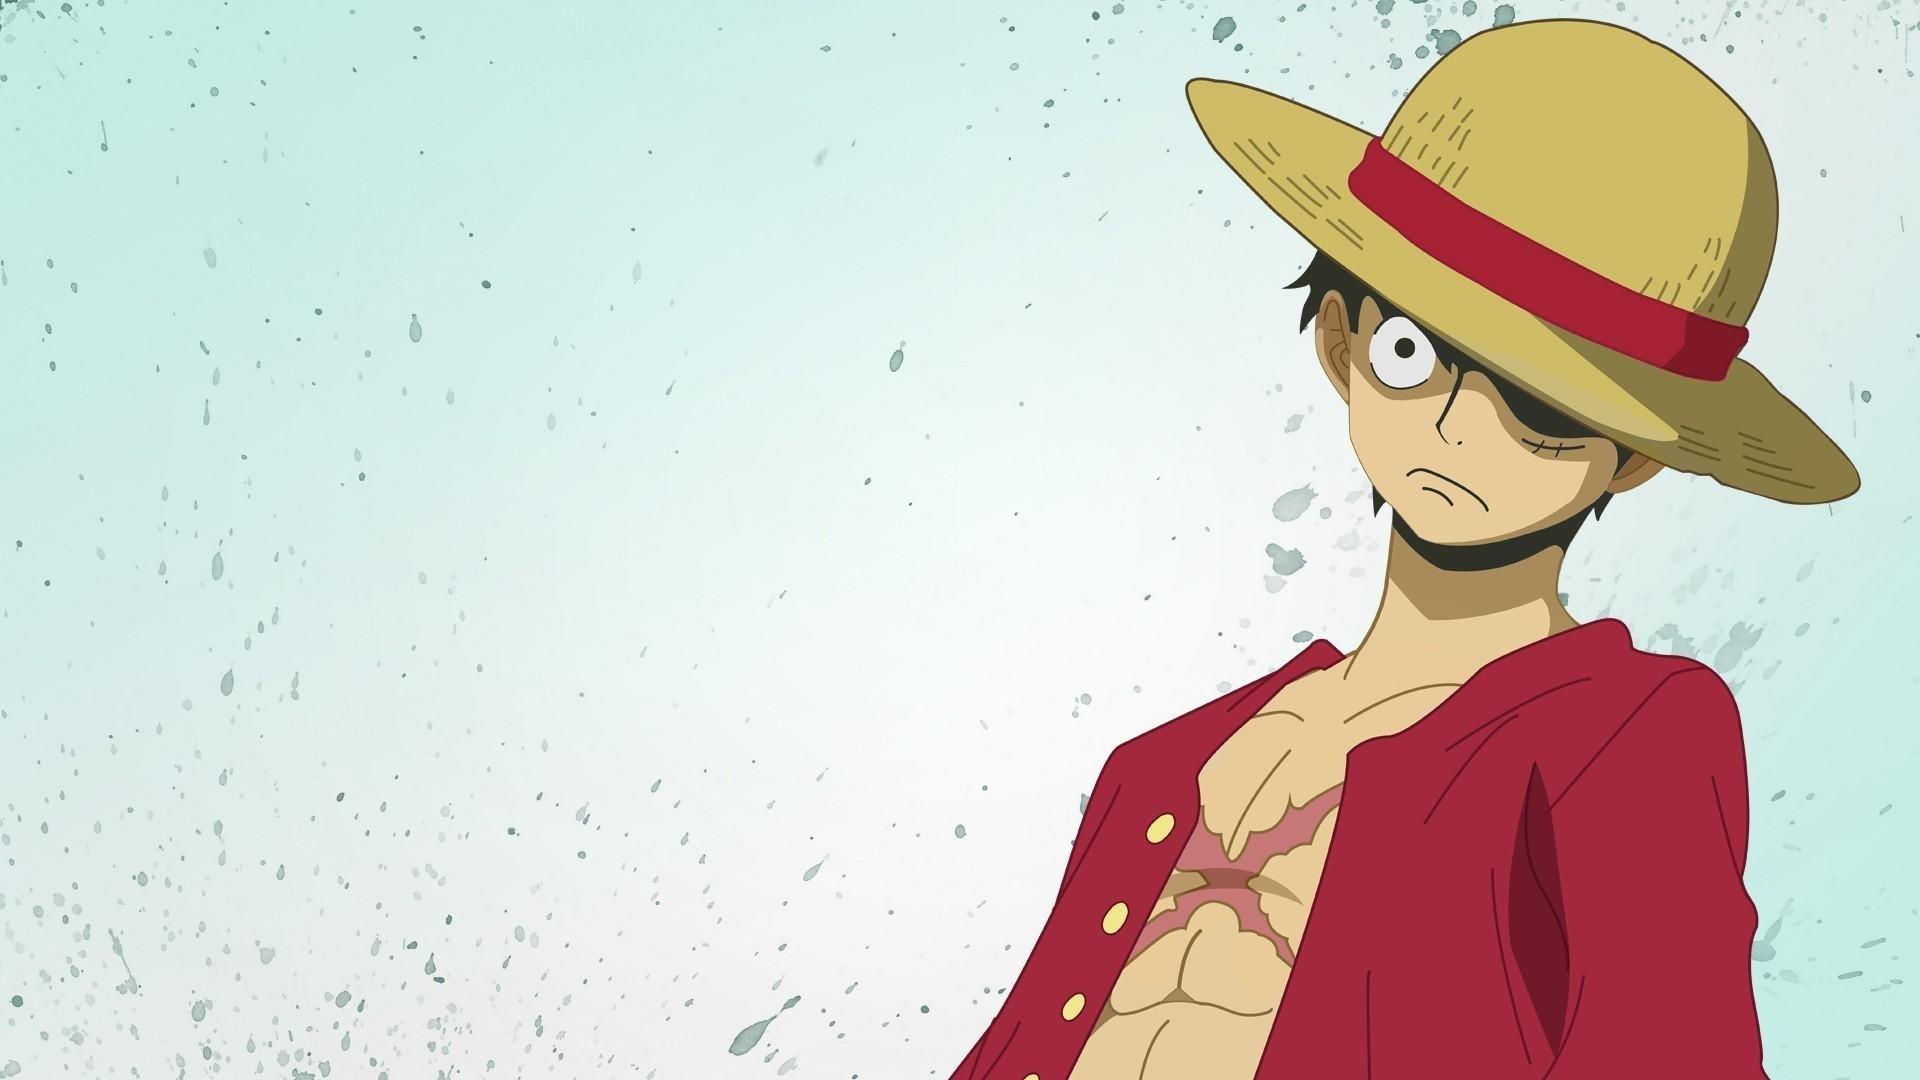 30+ Hình nền Luffy trong One Piece đẹp nhất